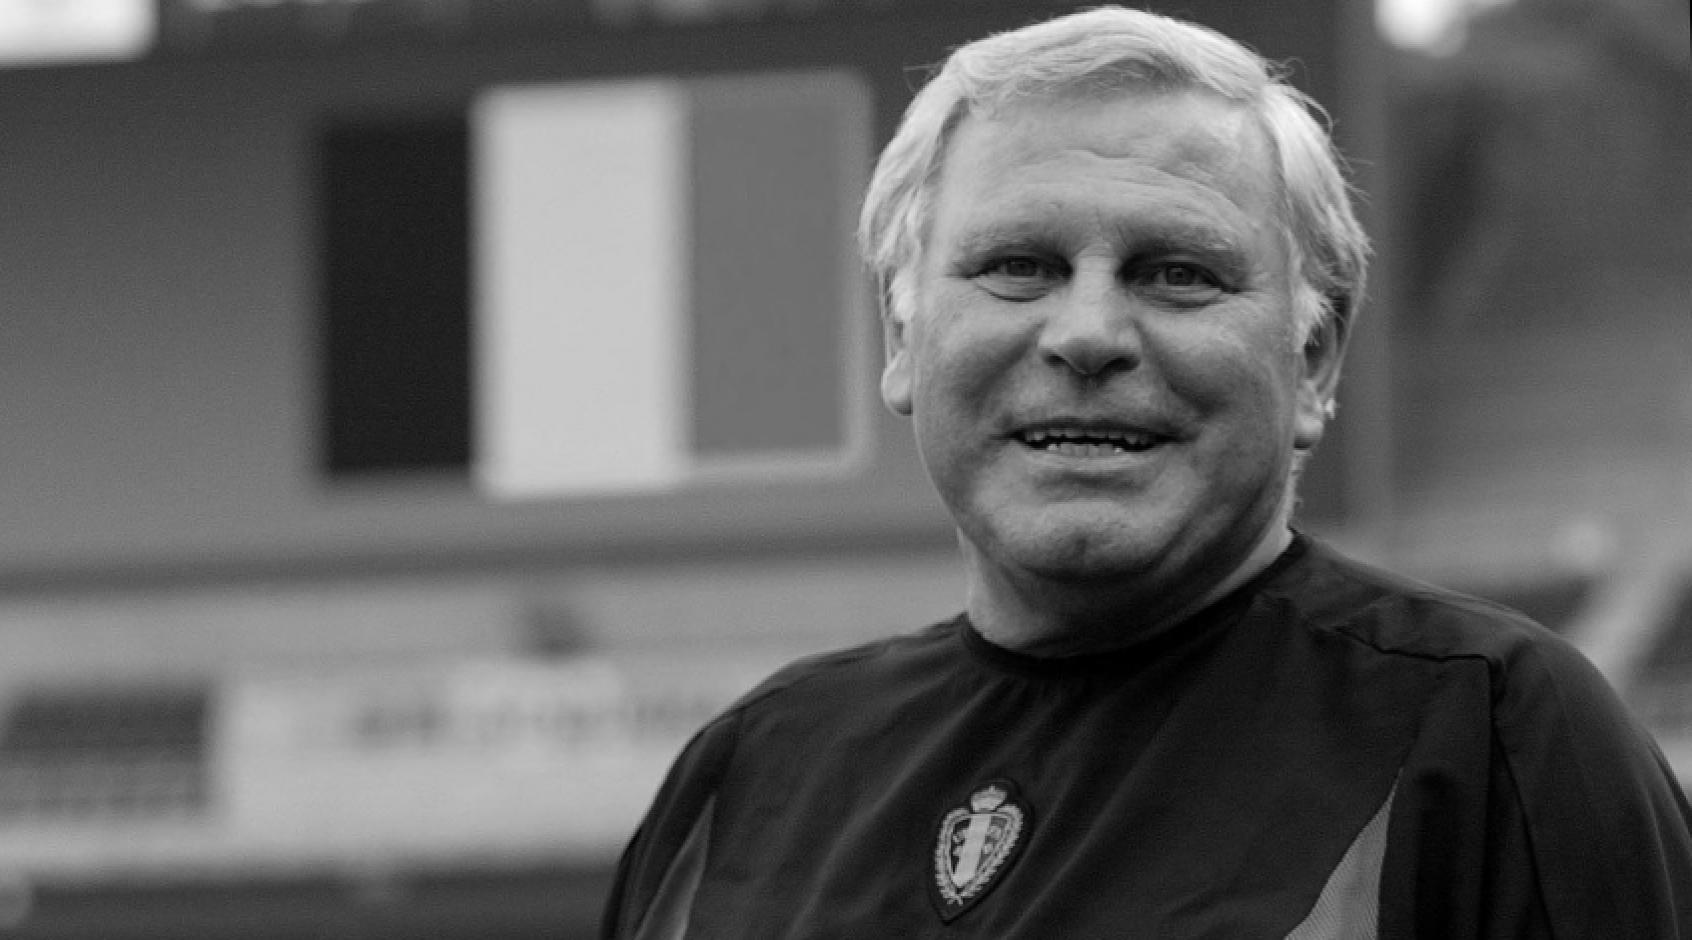 Экс-тренер сборной Бельгии Робер Васейж умер в возрасте 79 лет